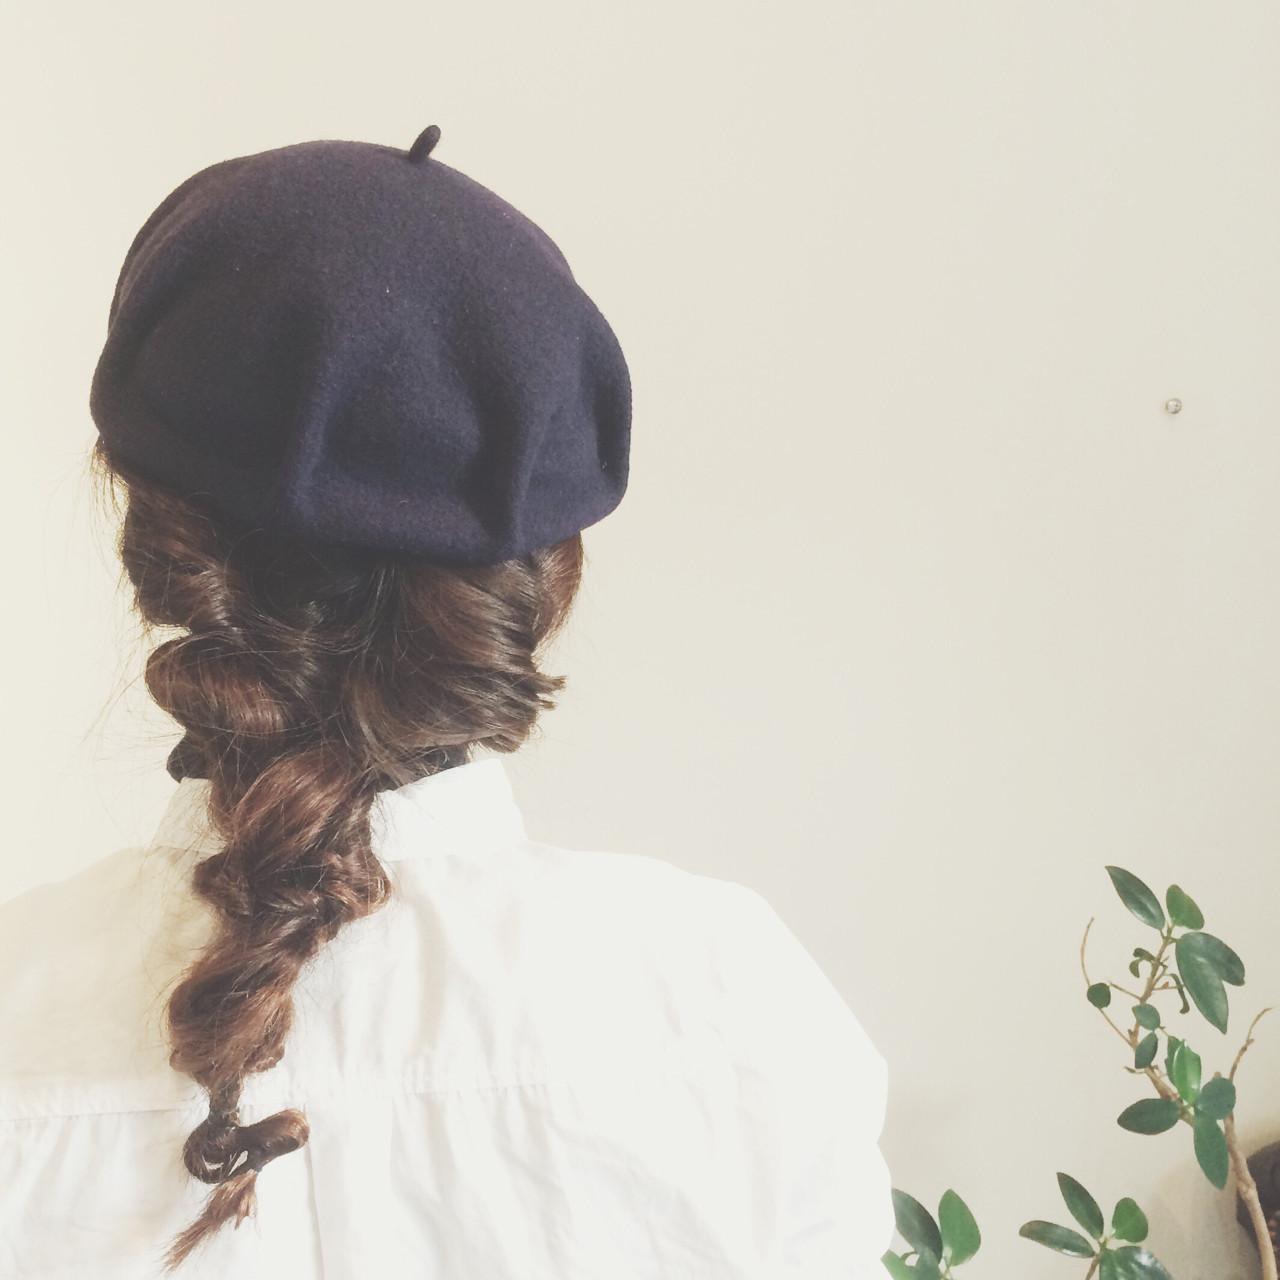 ねじねじひとつ結び×ベレー帽で垢抜けヘア ayami